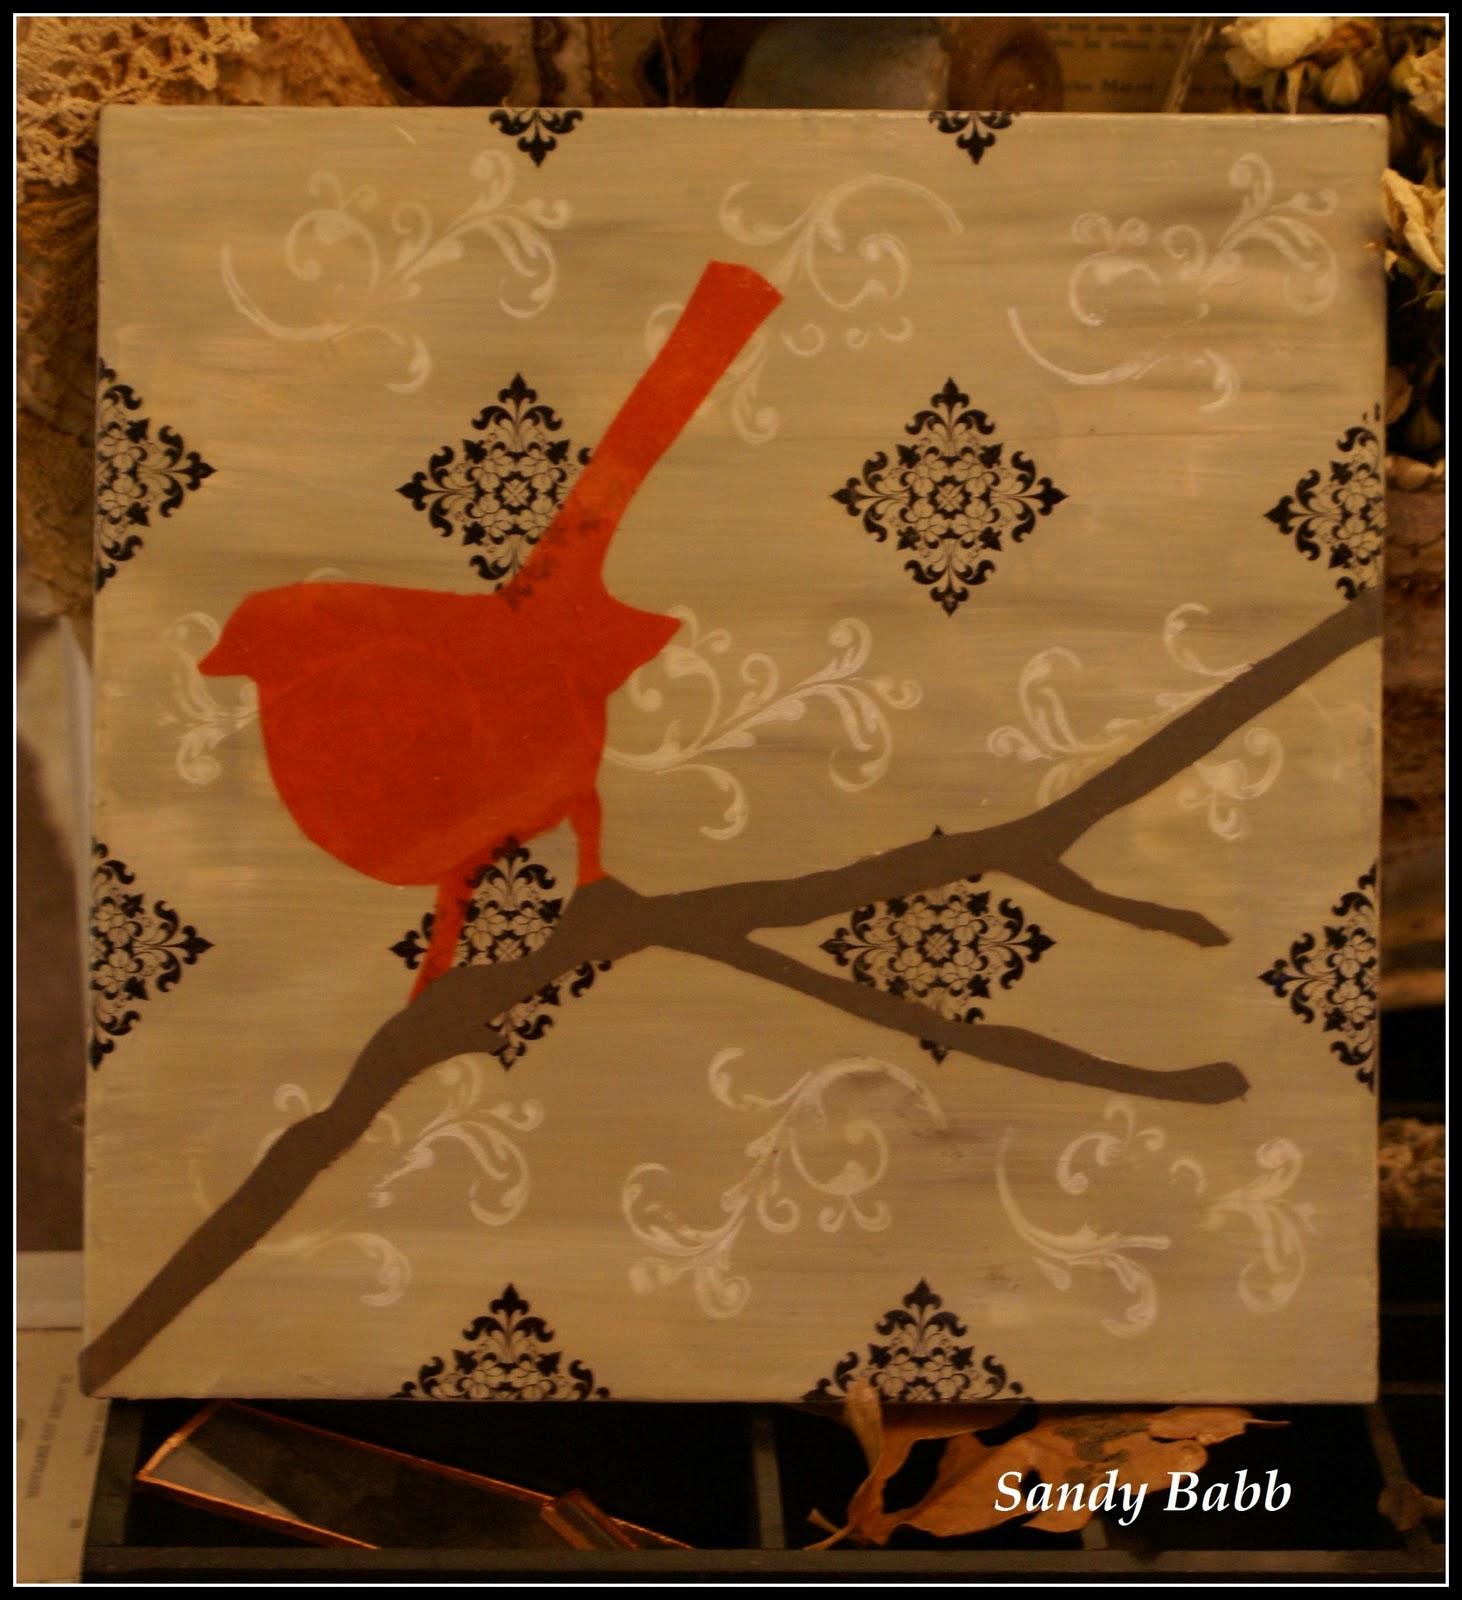 http://1.bp.blogspot.com/-WgEjoGKiOAc/Tu_30IeffZI/AAAAAAAAUUs/5usbq9JRtnc/s1600/bird+canvas+%25281%2529.JPG